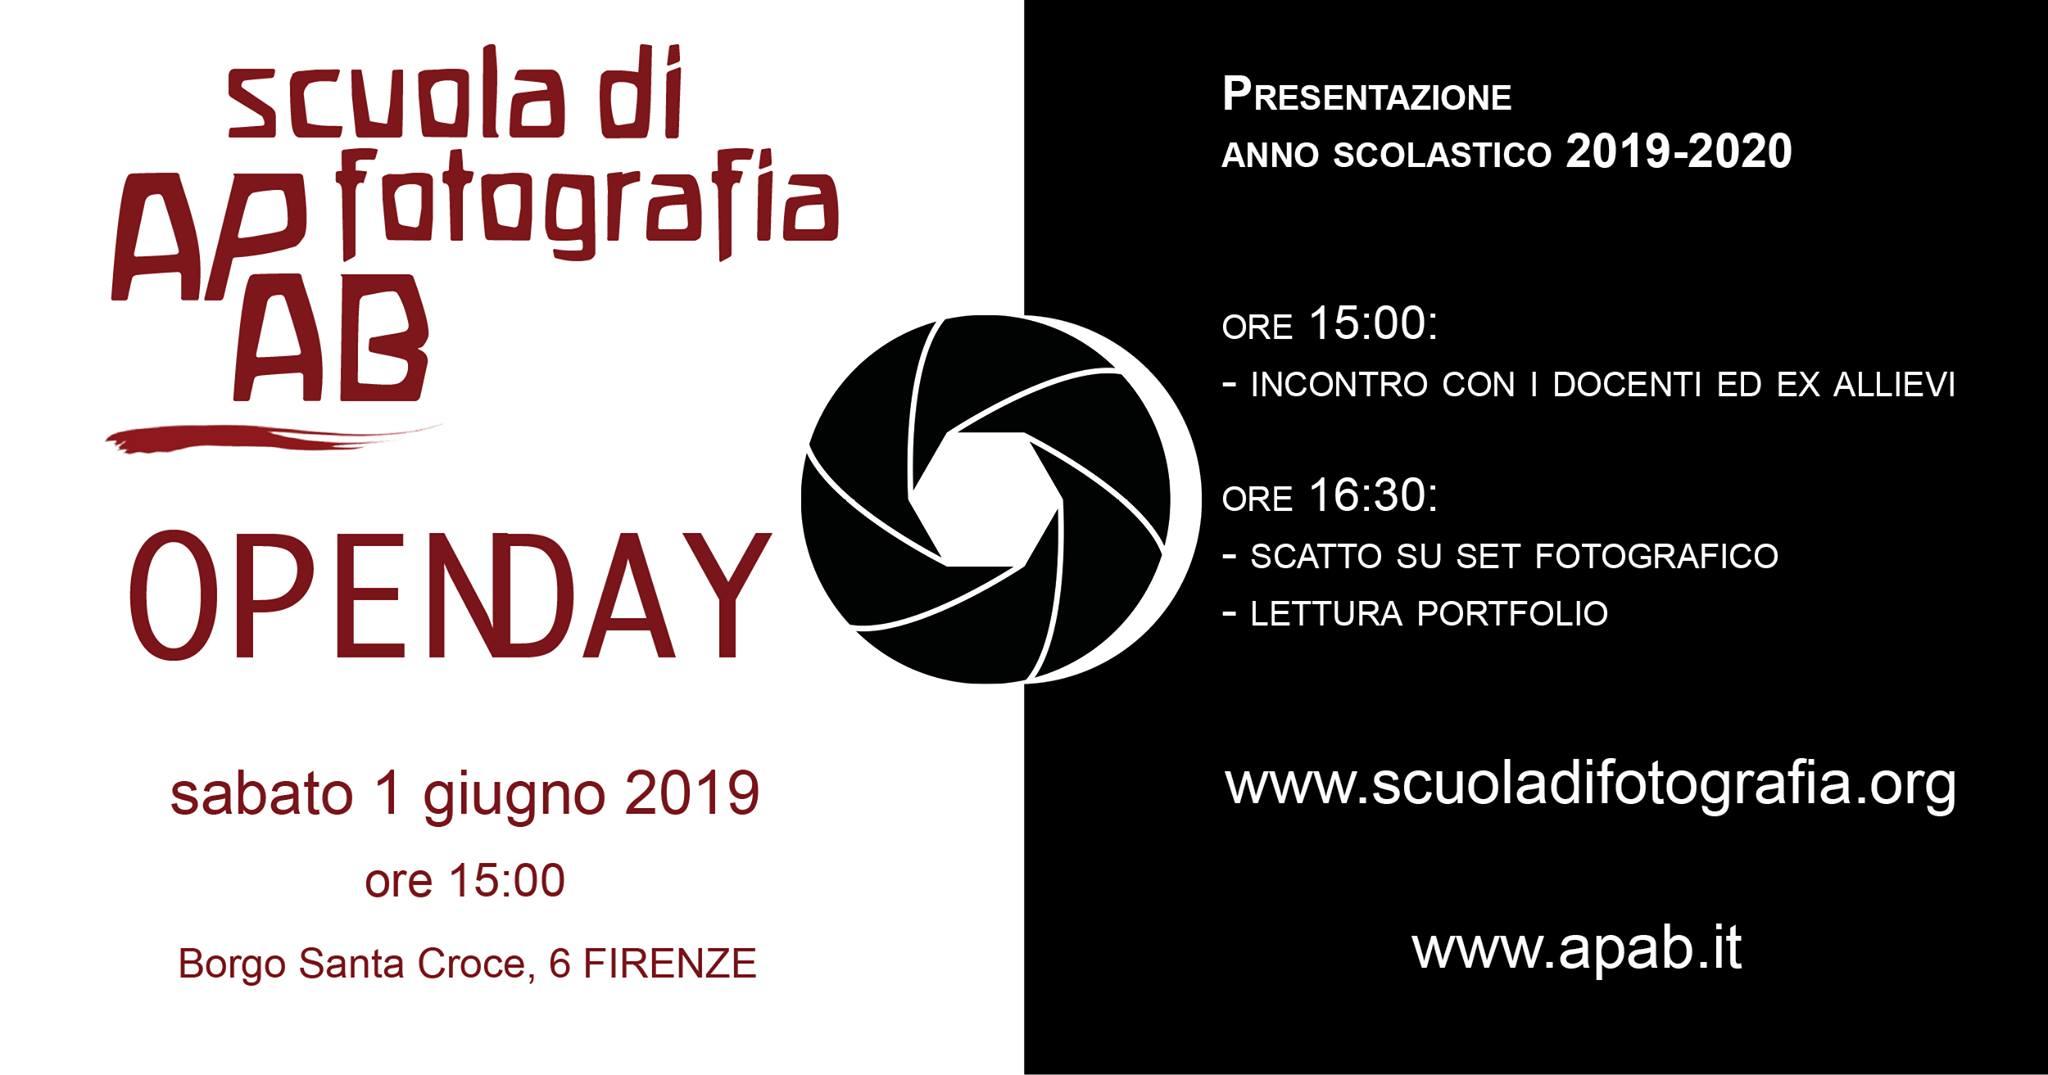 Open Day Della Scuola Internazionale Di Fotografia – 1 Giugno 2019 – Firenze